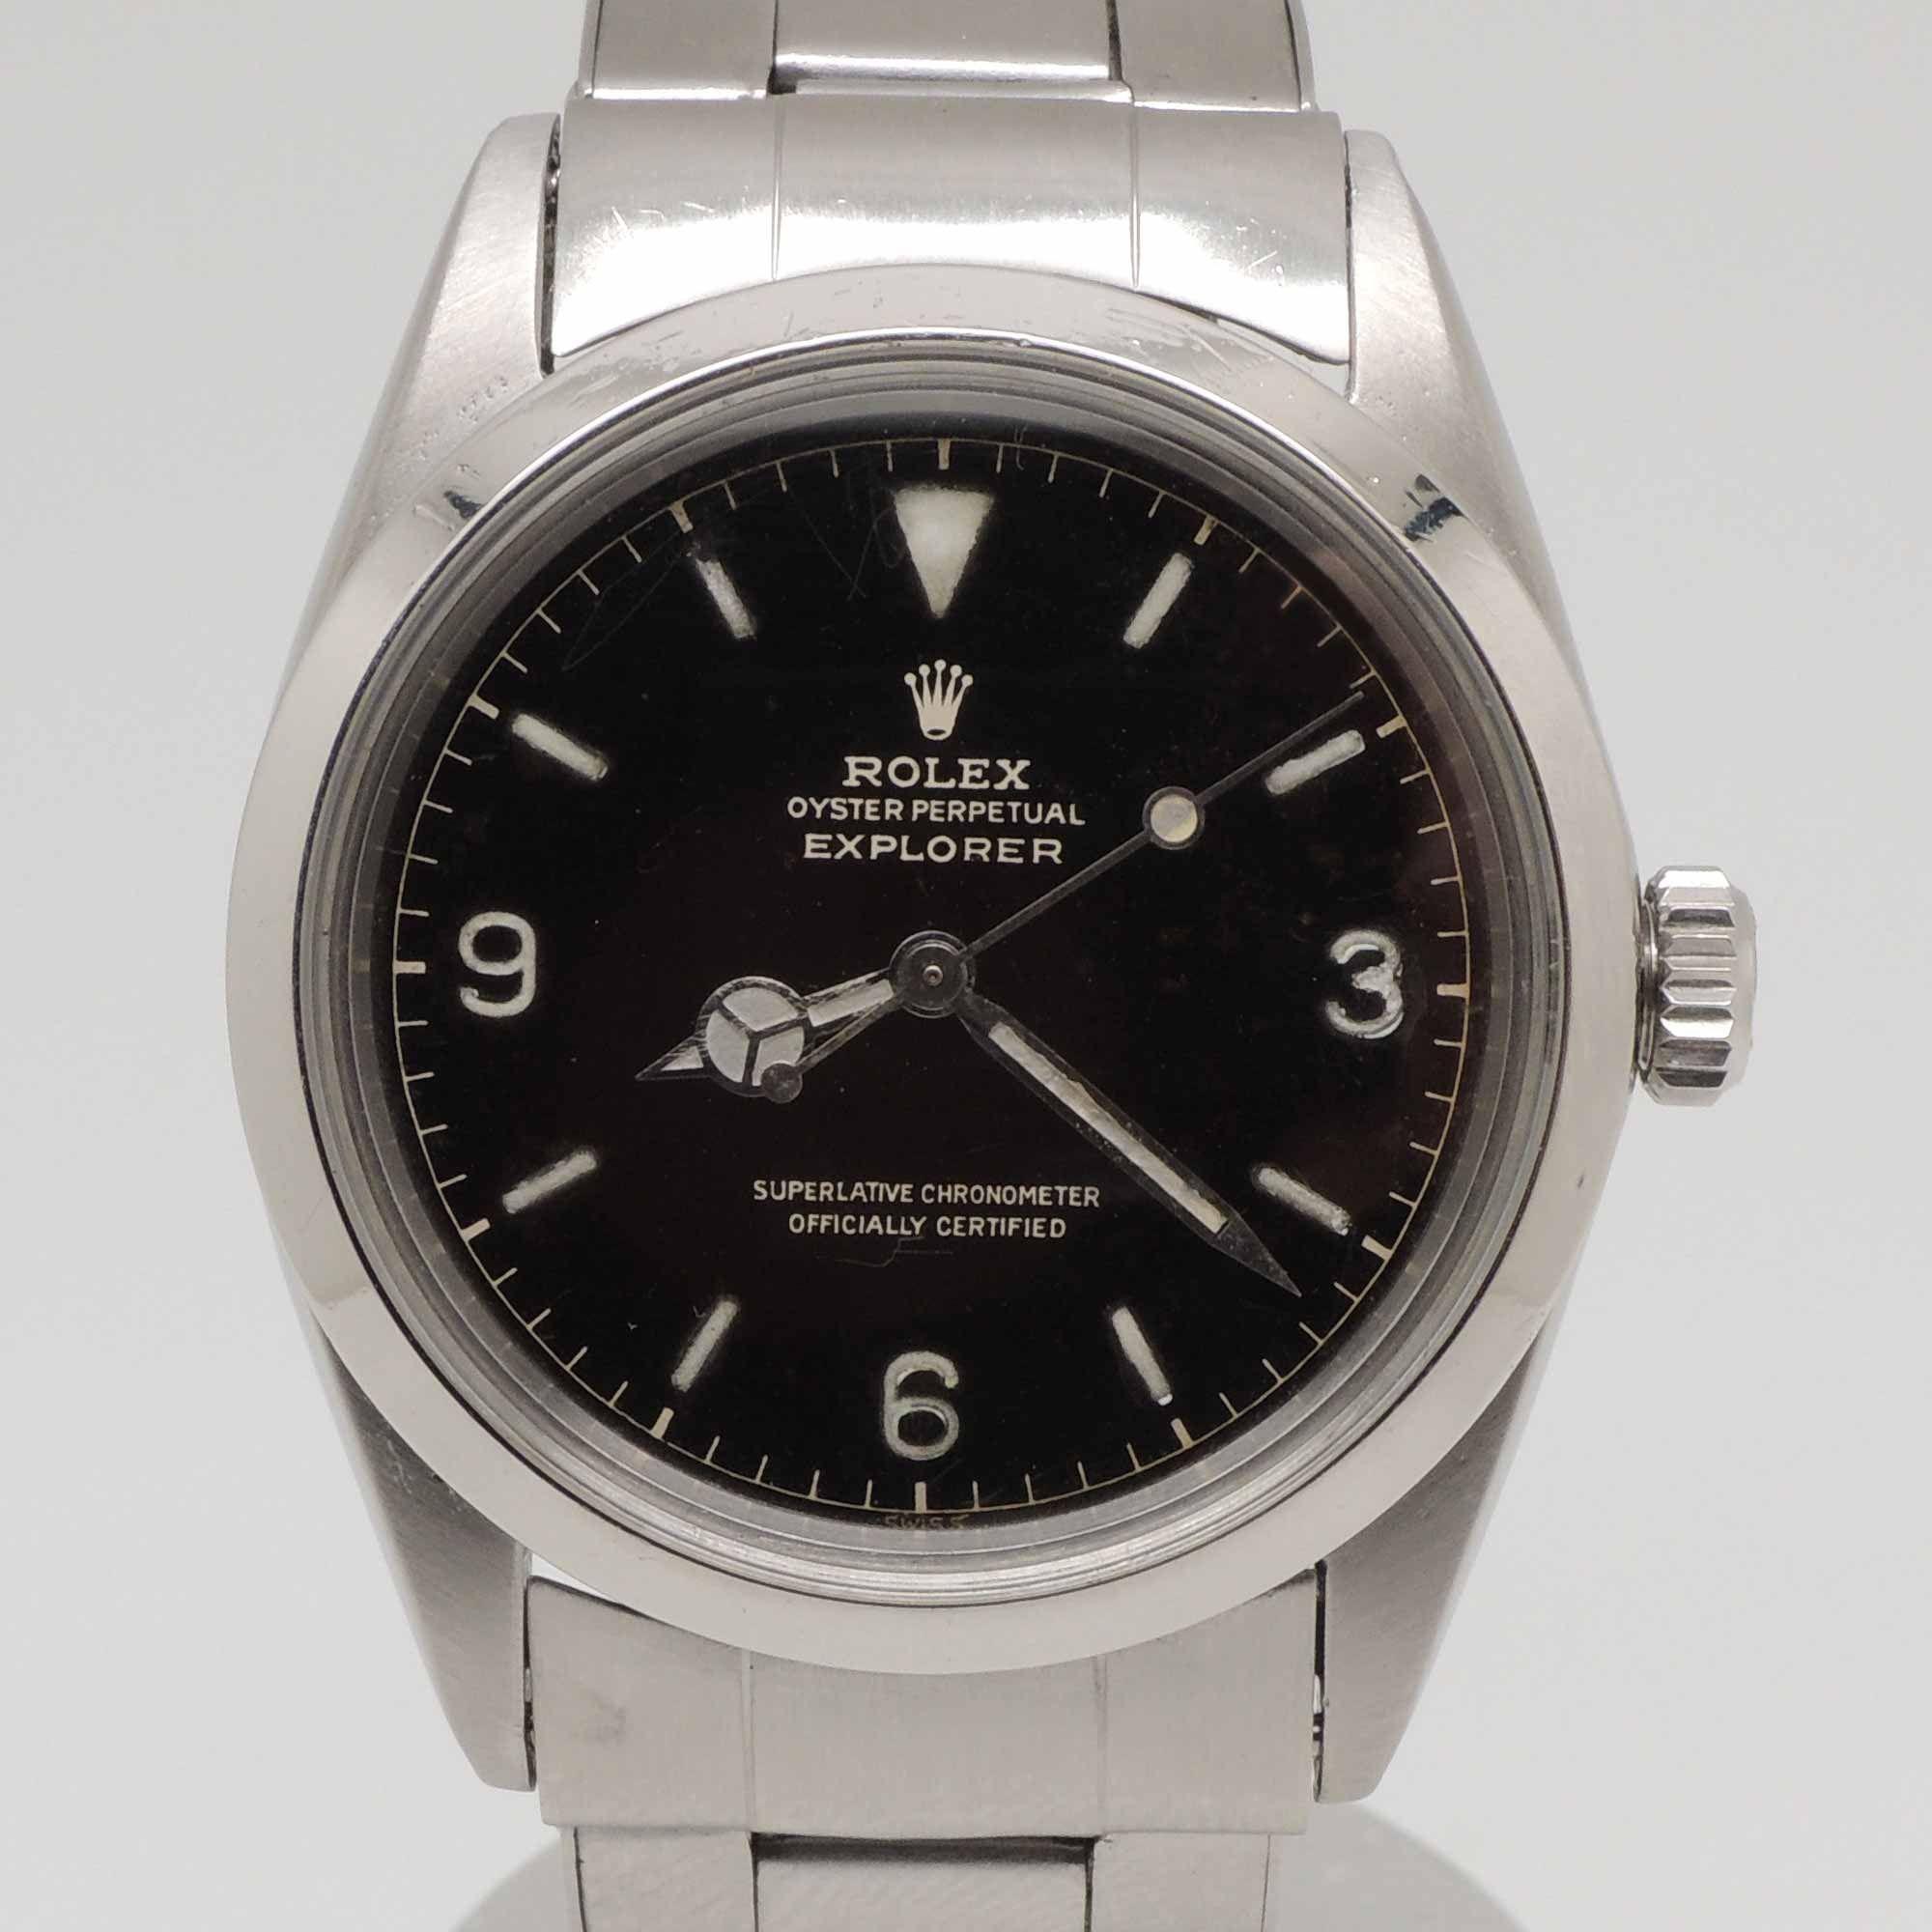 Ancienne Vintage Gallery Rolex Explorer Rolex Watches Rolex